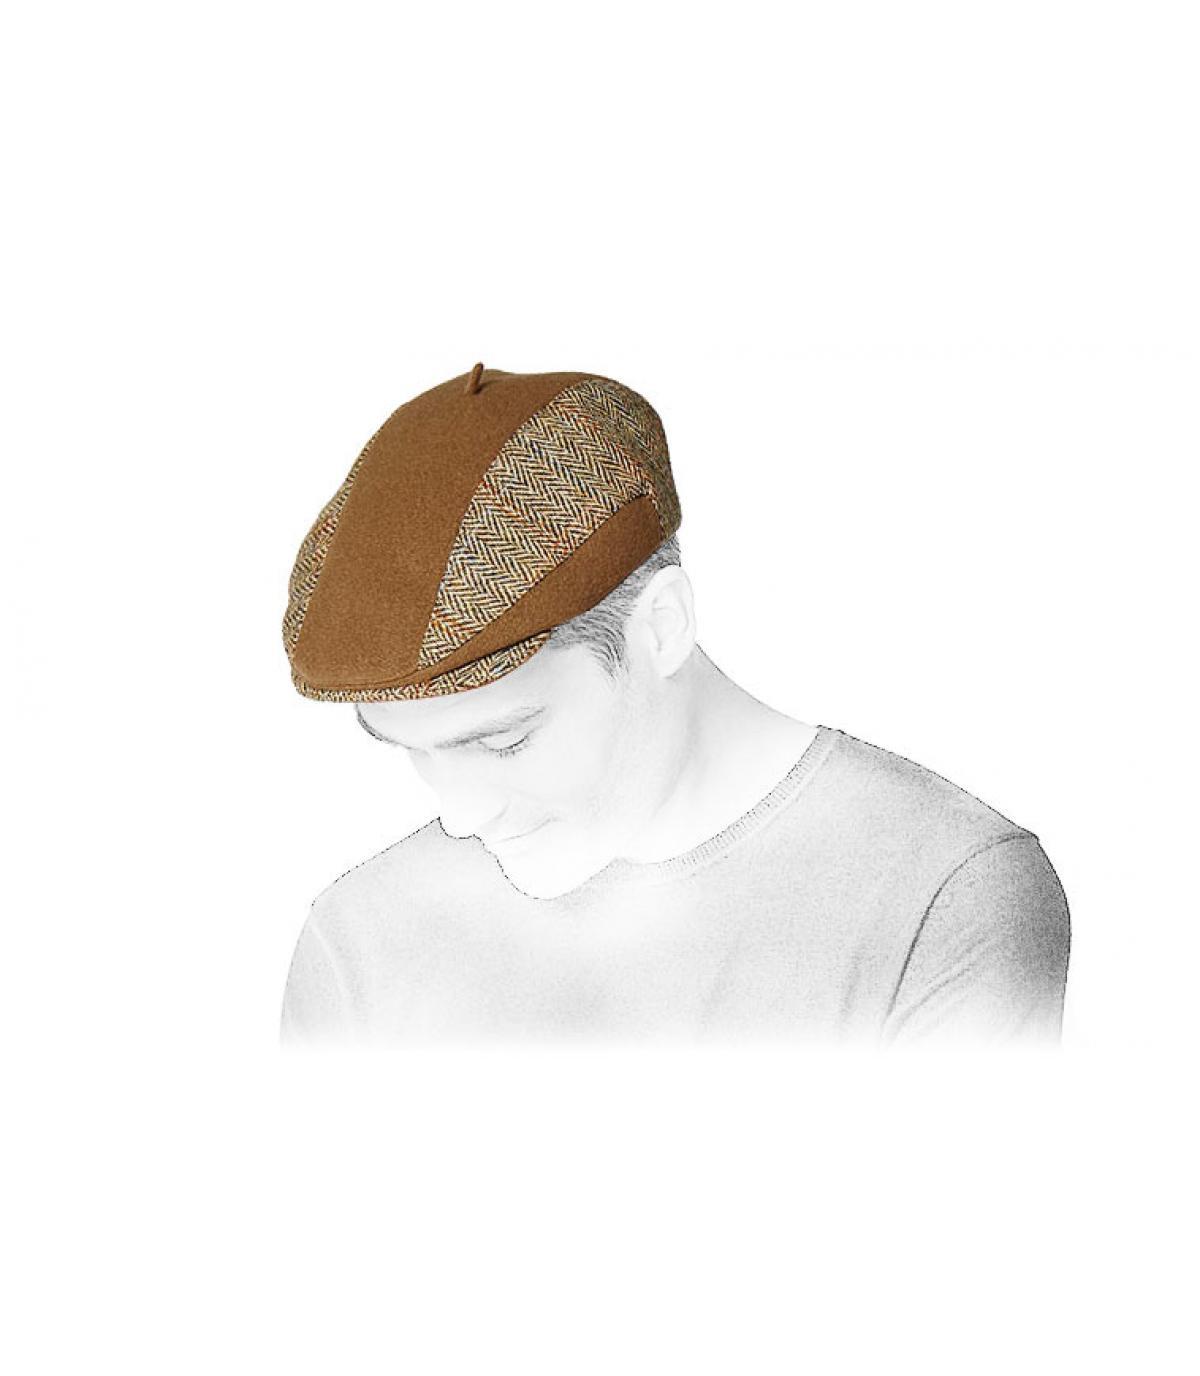 harrys tweed cap